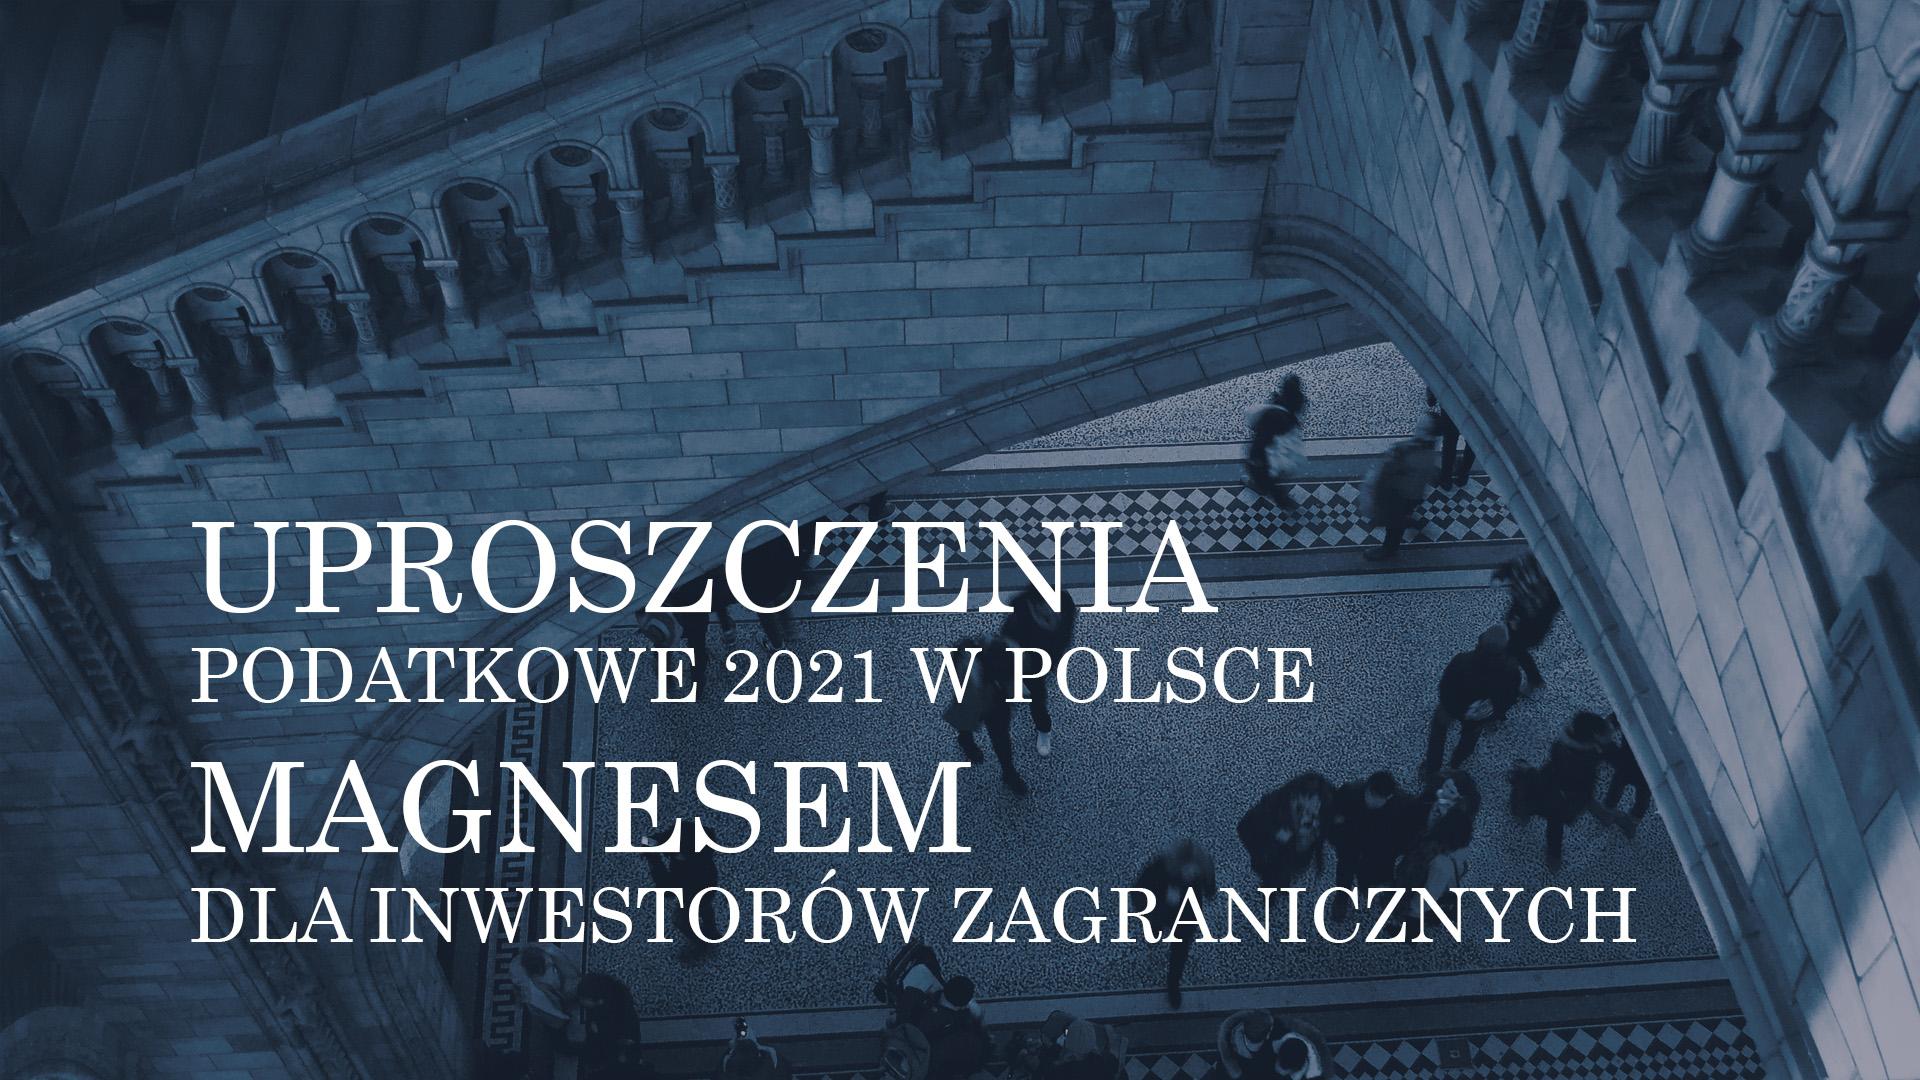 UPROSZCZENIA PODATKOWE 2021 W POLSCE – MAGNESEM DLA INWESTORÓW ZAGRANICZNYCH